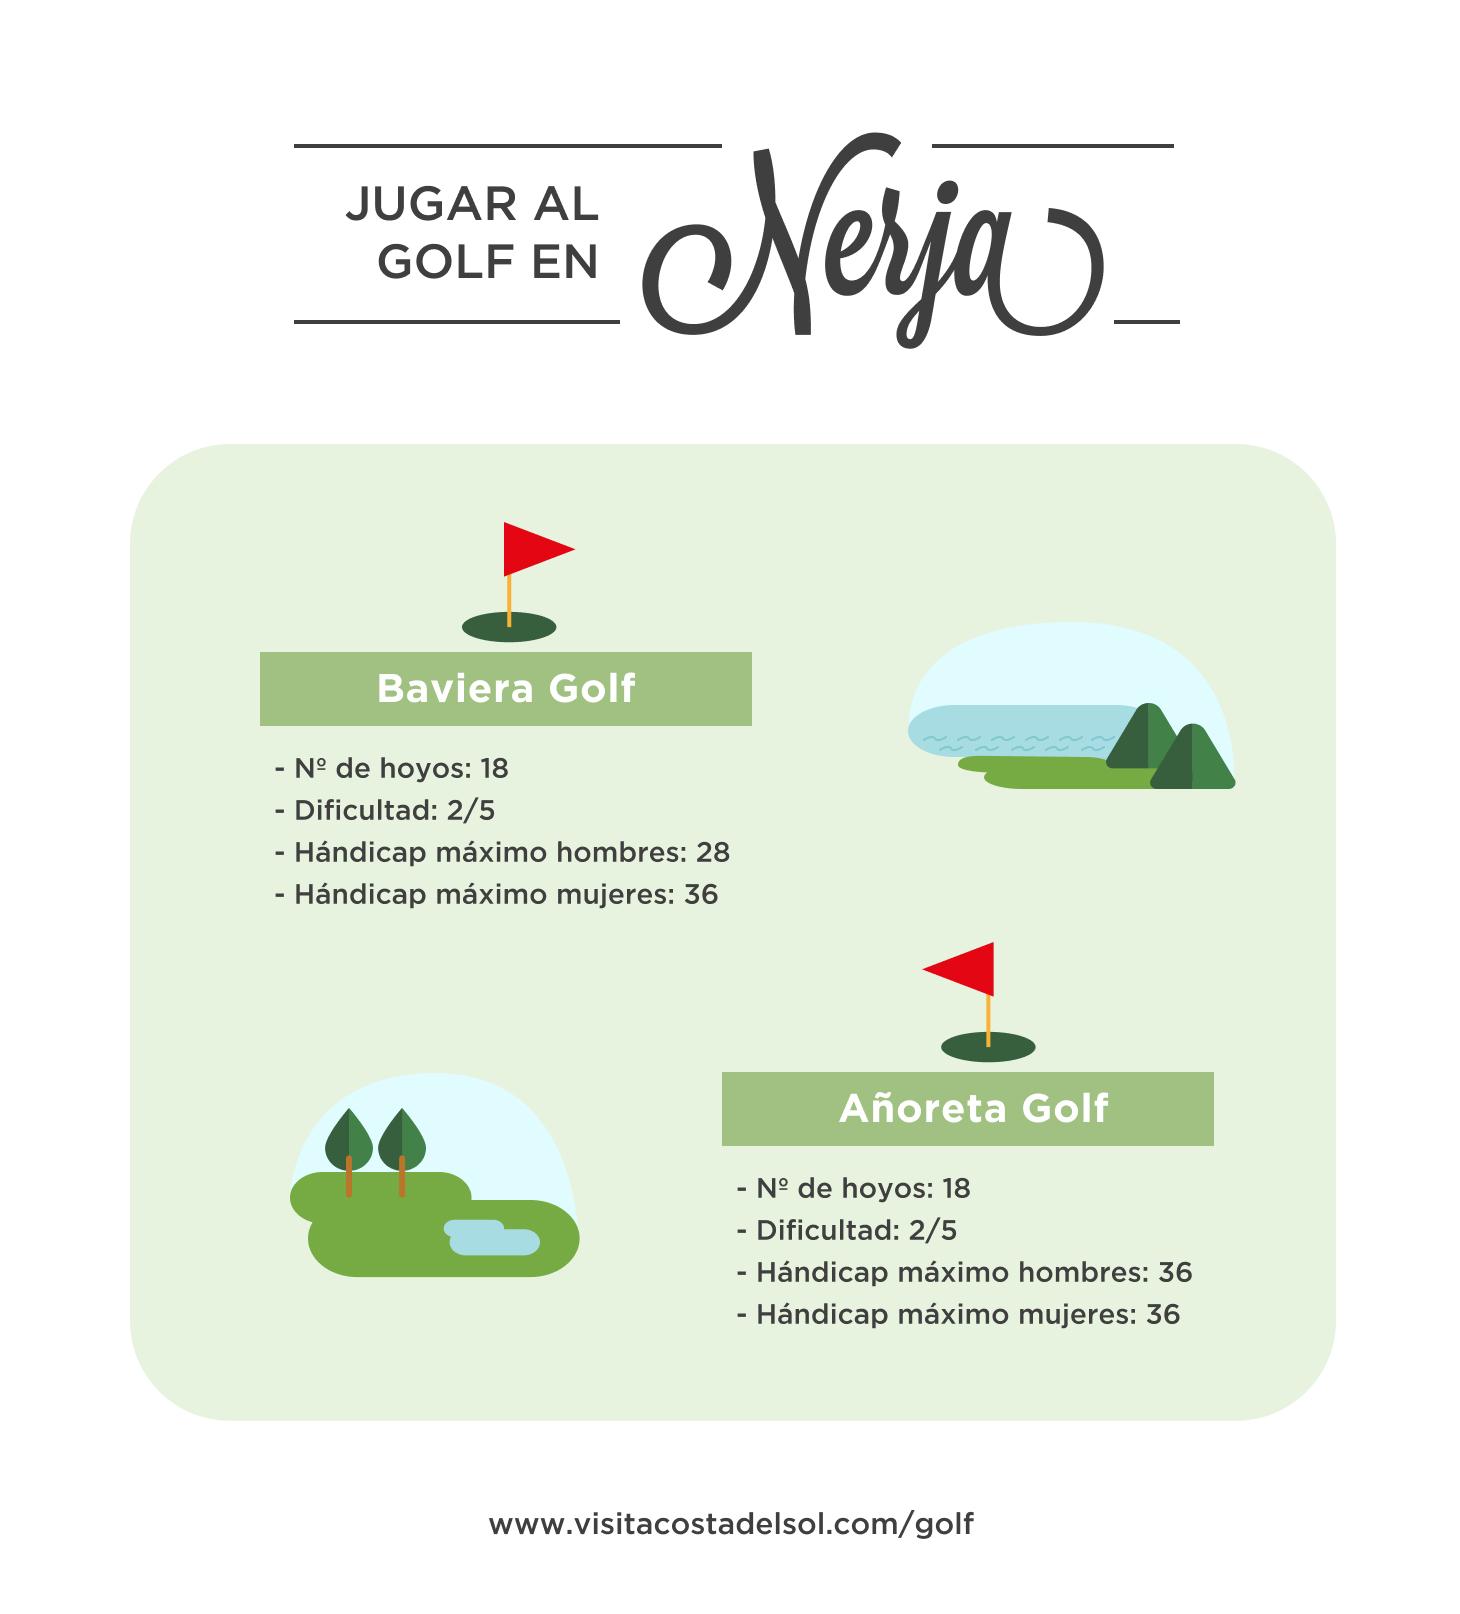 Nerja Golf